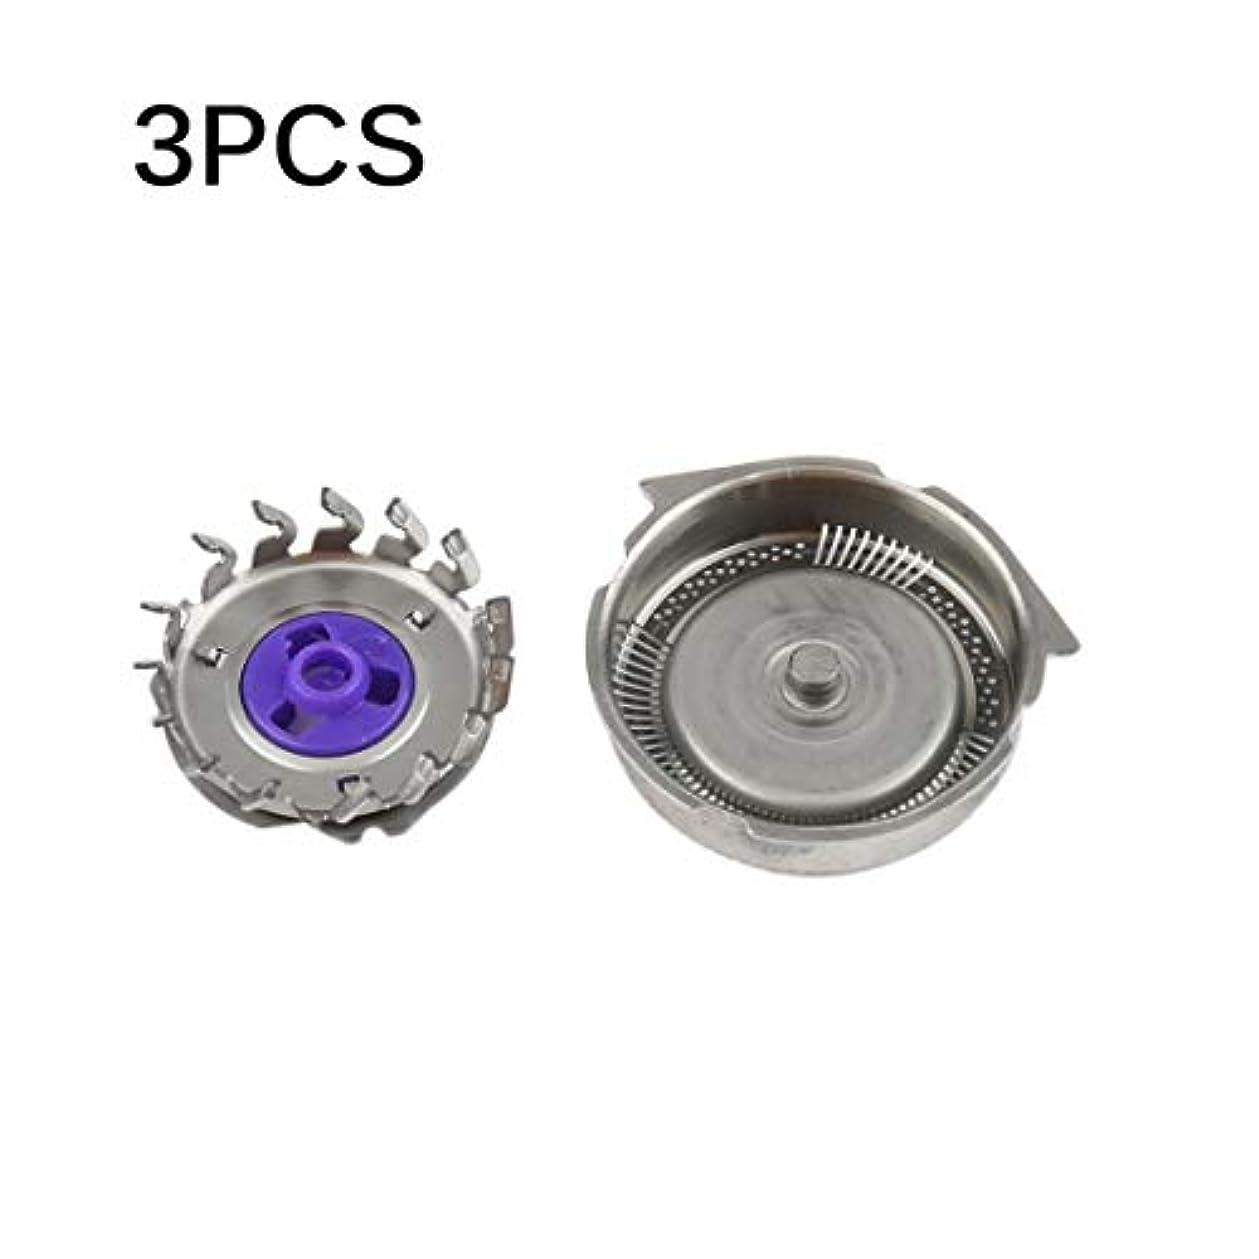 傑作シャイニング四Philips Norelco Electric Razor HQ8 Silver(silver)に適した3PCS / SETプロフェッショナル交換用シェーバーヘッドブレードカッター